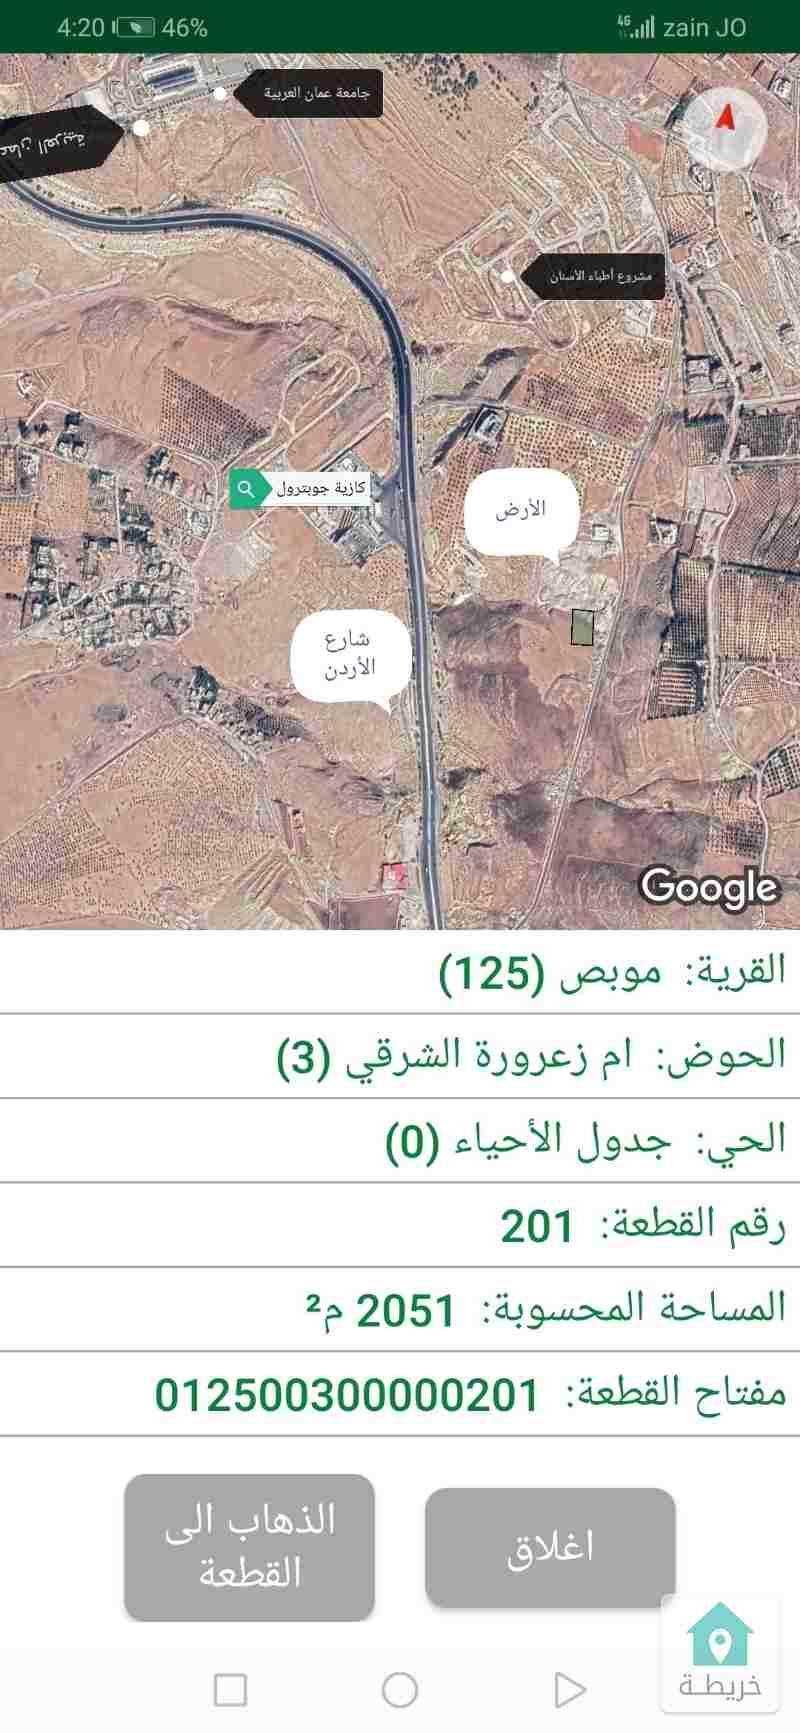 ارض للبيع ٢ دونم شارع الأردن بجانب جامعة عمان العربية مطلة موبص  السعر ١٣٥ ألف القطعة